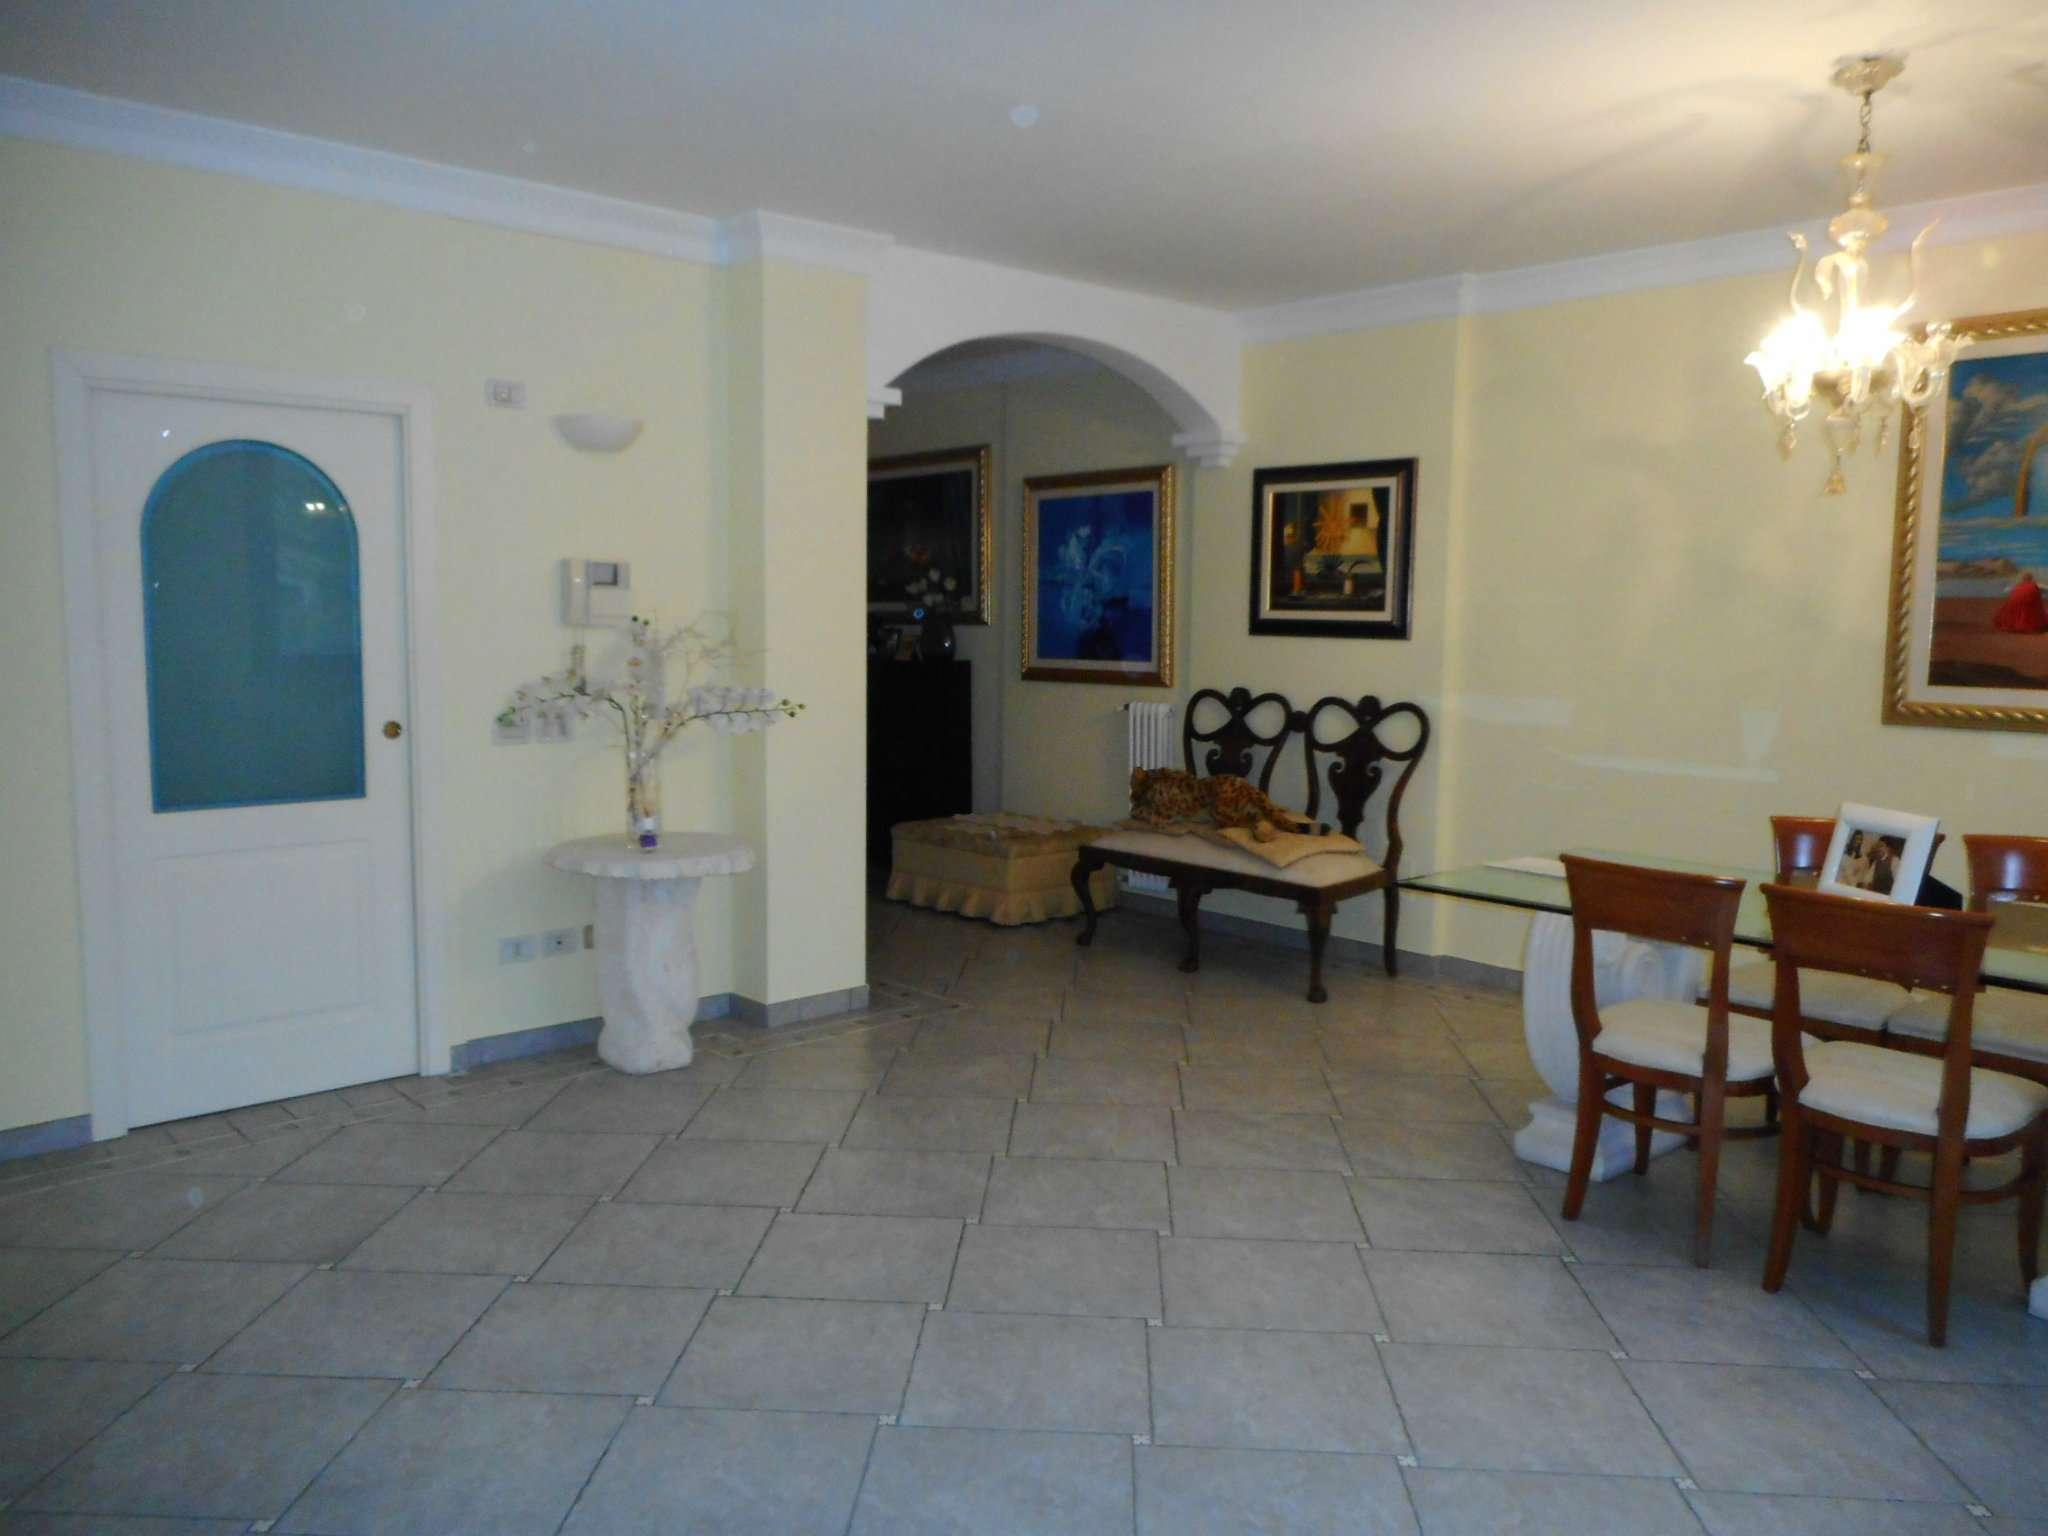 Palazzo / Stabile in vendita a Rimini, 7 locali, prezzo € 580.000 | CambioCasa.it